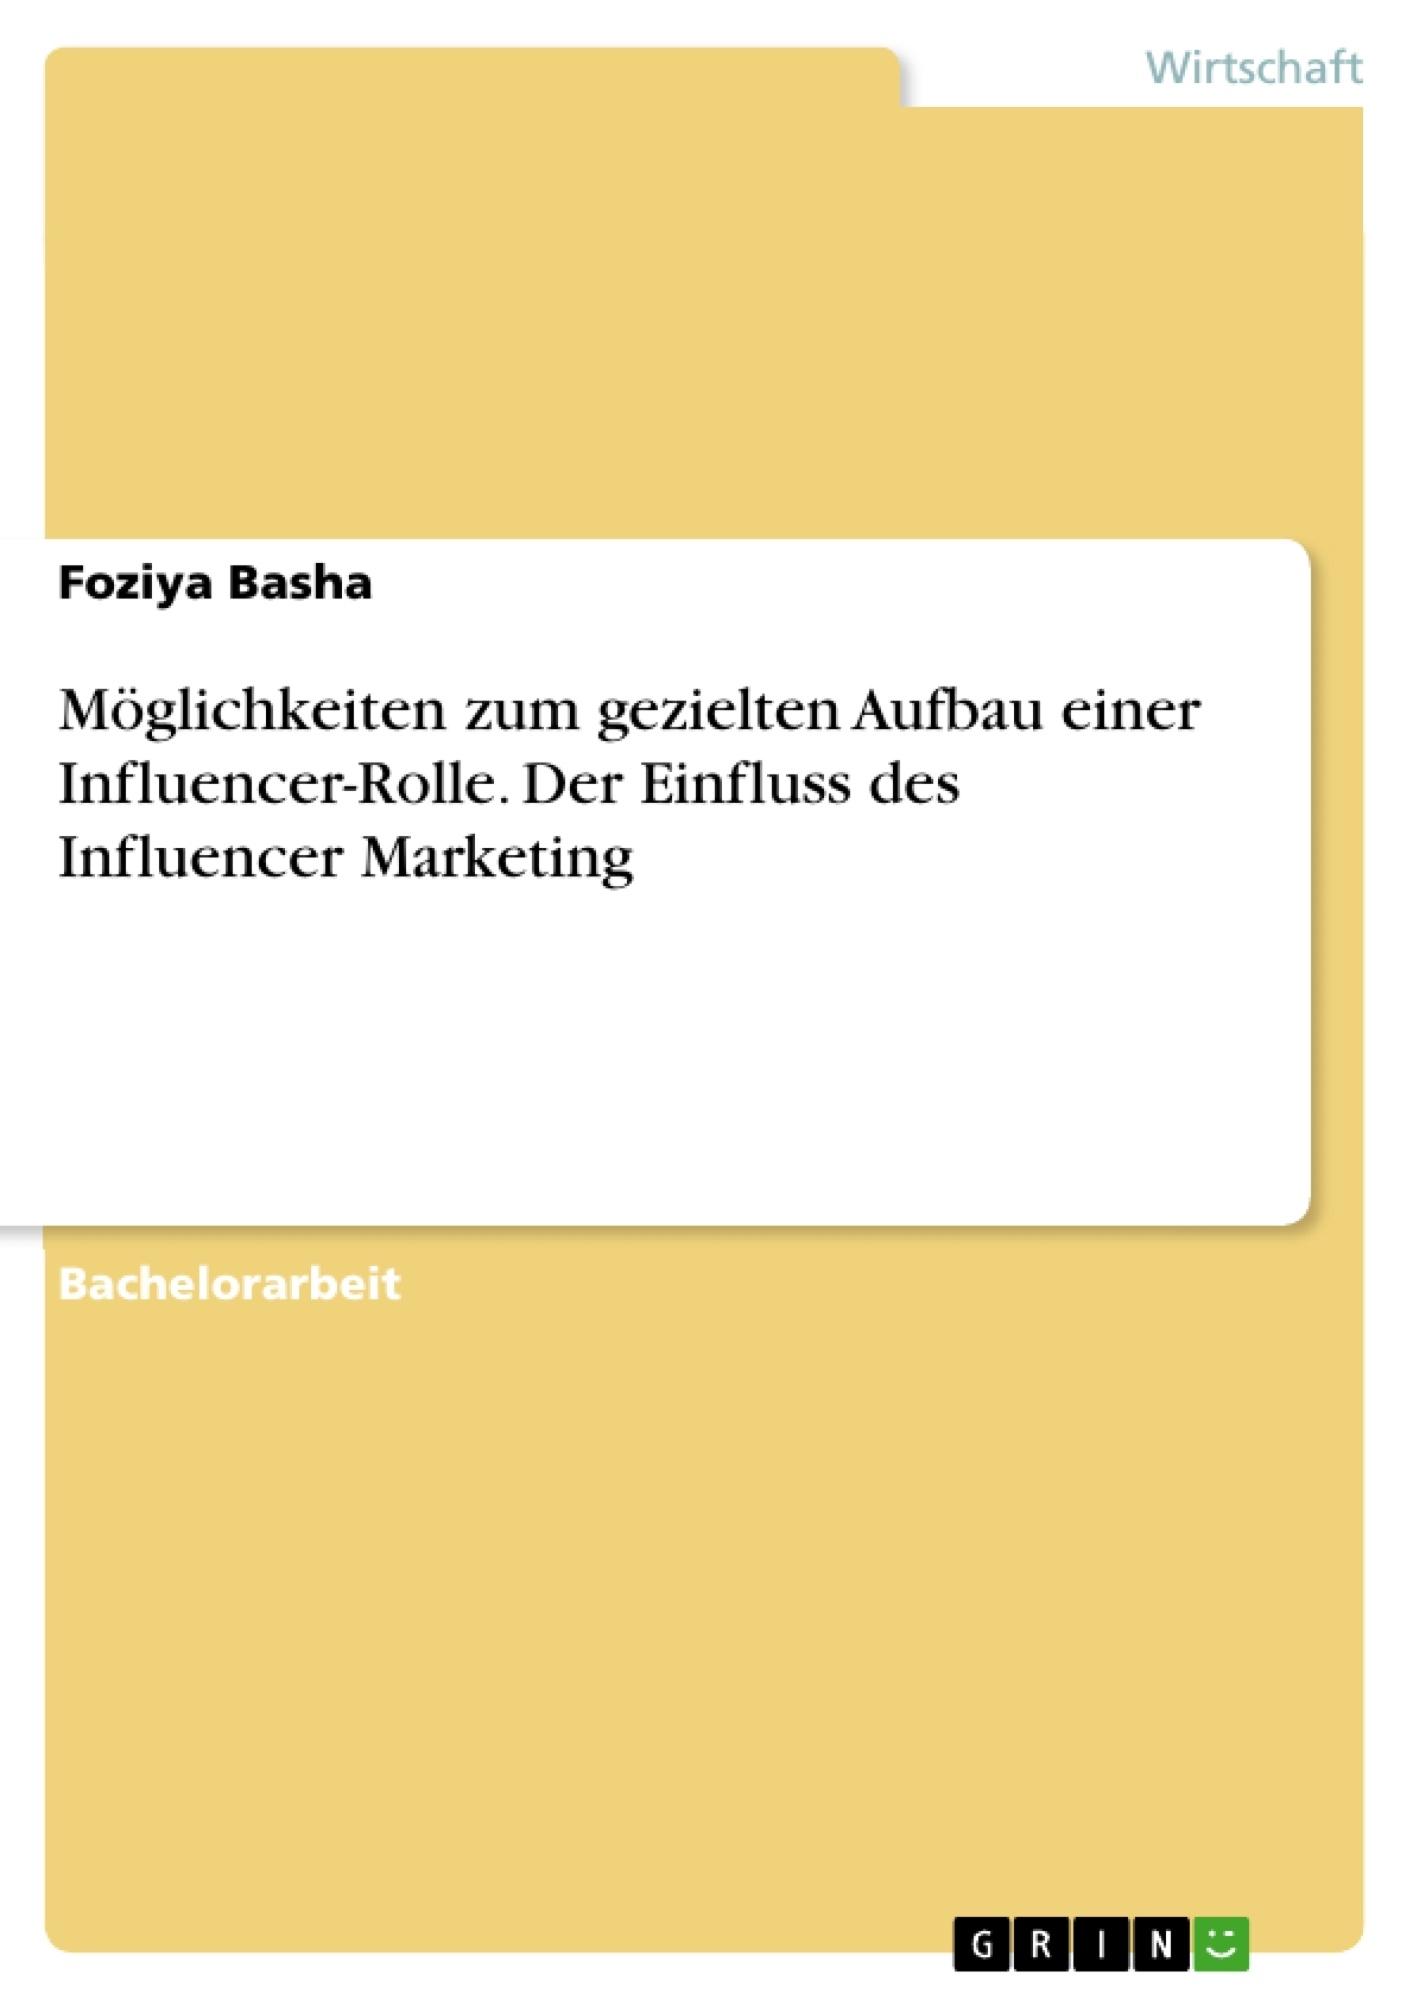 Titel: Möglichkeiten zum gezielten Aufbau einer Influencer-Rolle. Der Einfluss des Influencer Marketing